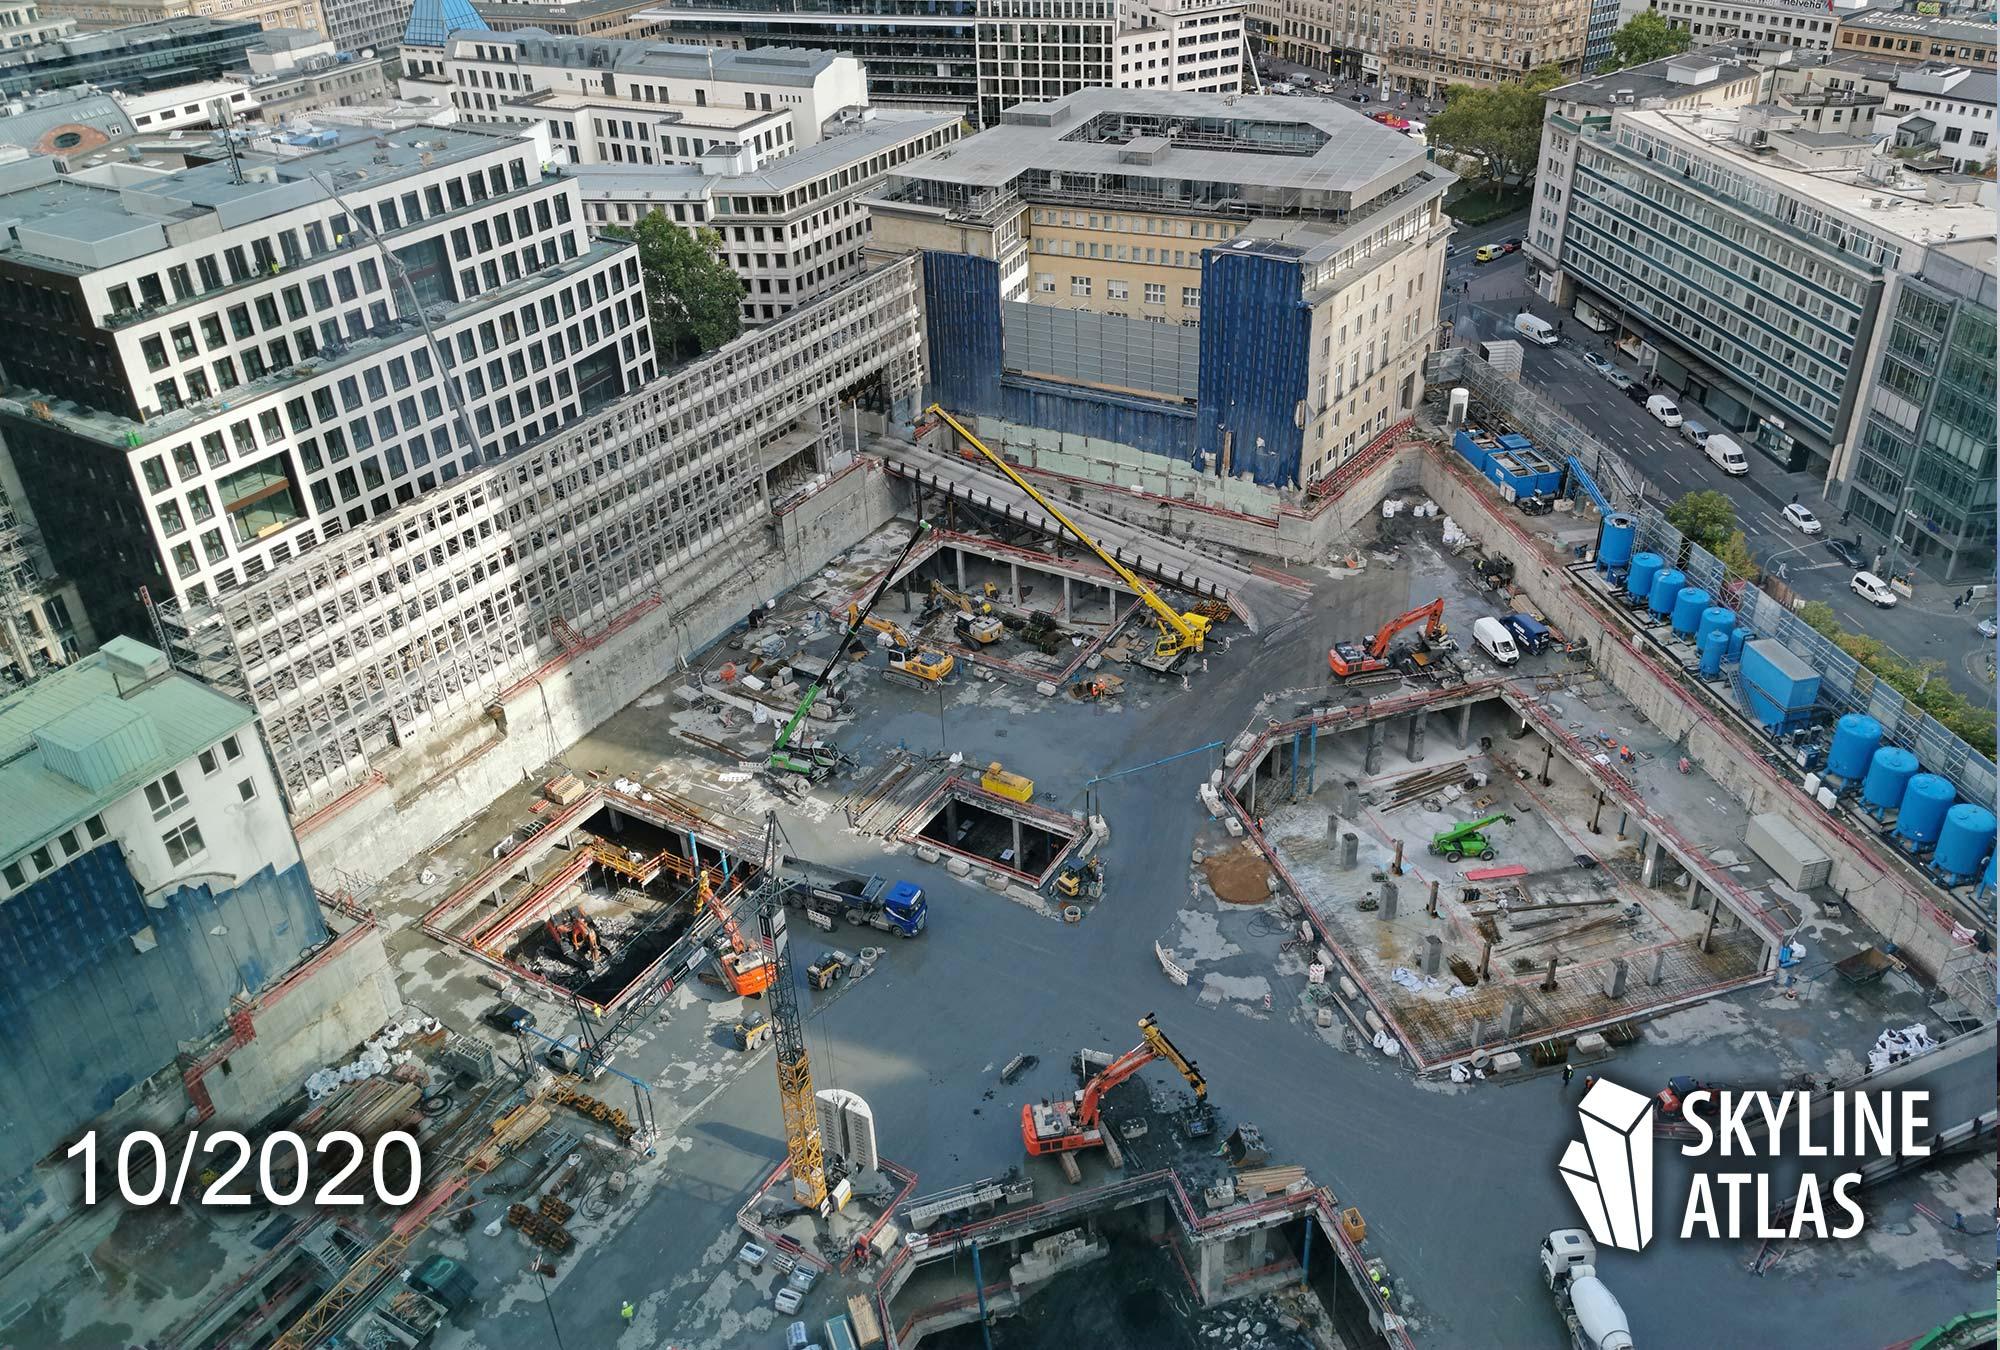 FOUR Frankfurt - Baustelle Okt 2020 - Baufortschritt Oktober 2020 - For Frankfurt Wolkenkratzer von Groß & Partner im Bankenviertel